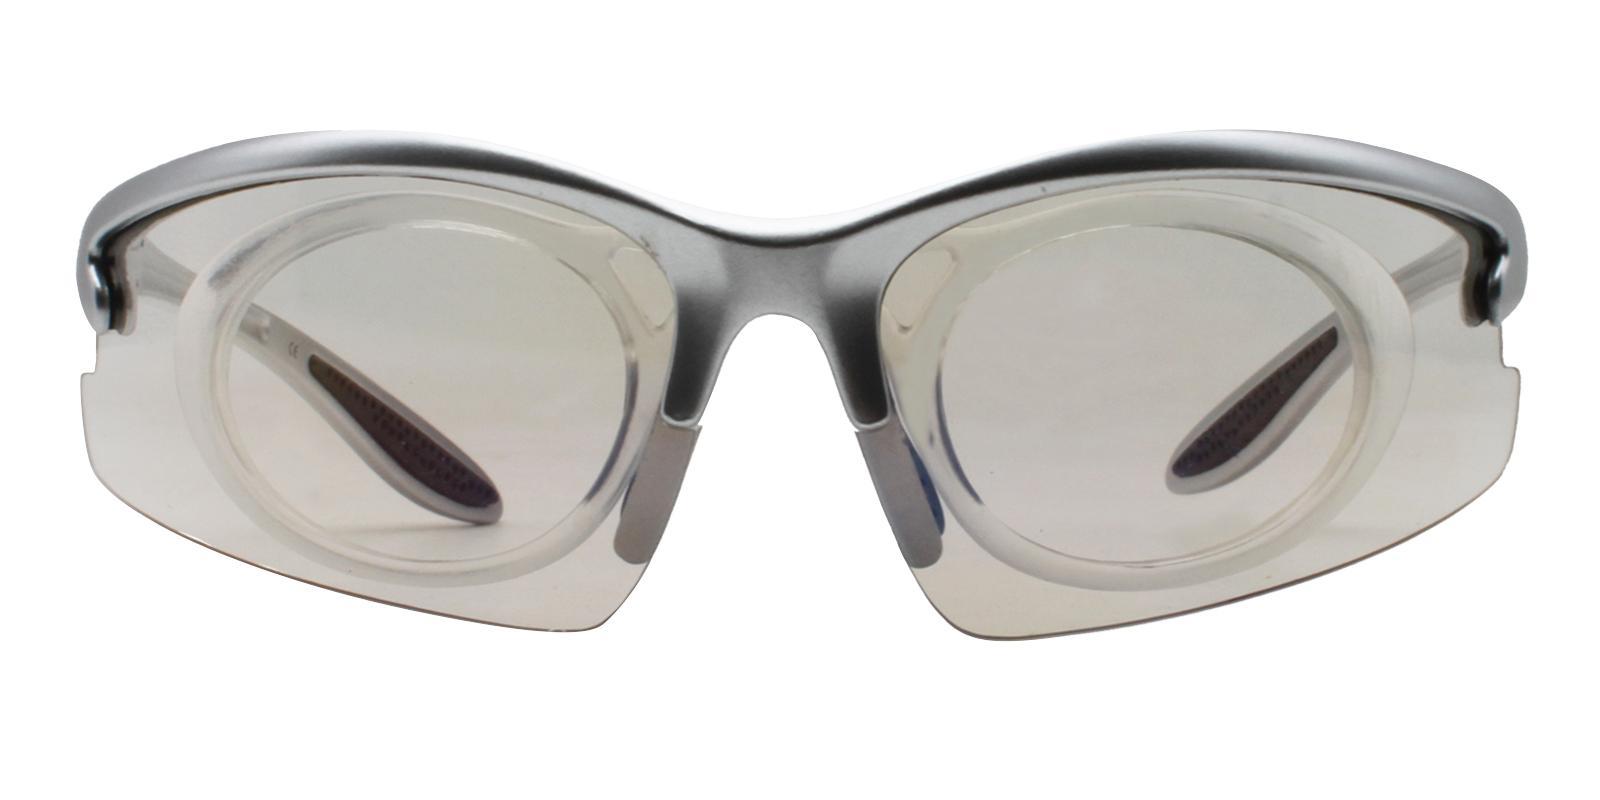 Jonesboro Silver Plastic NosePads , SportsGlasses Frames from ABBE Glasses